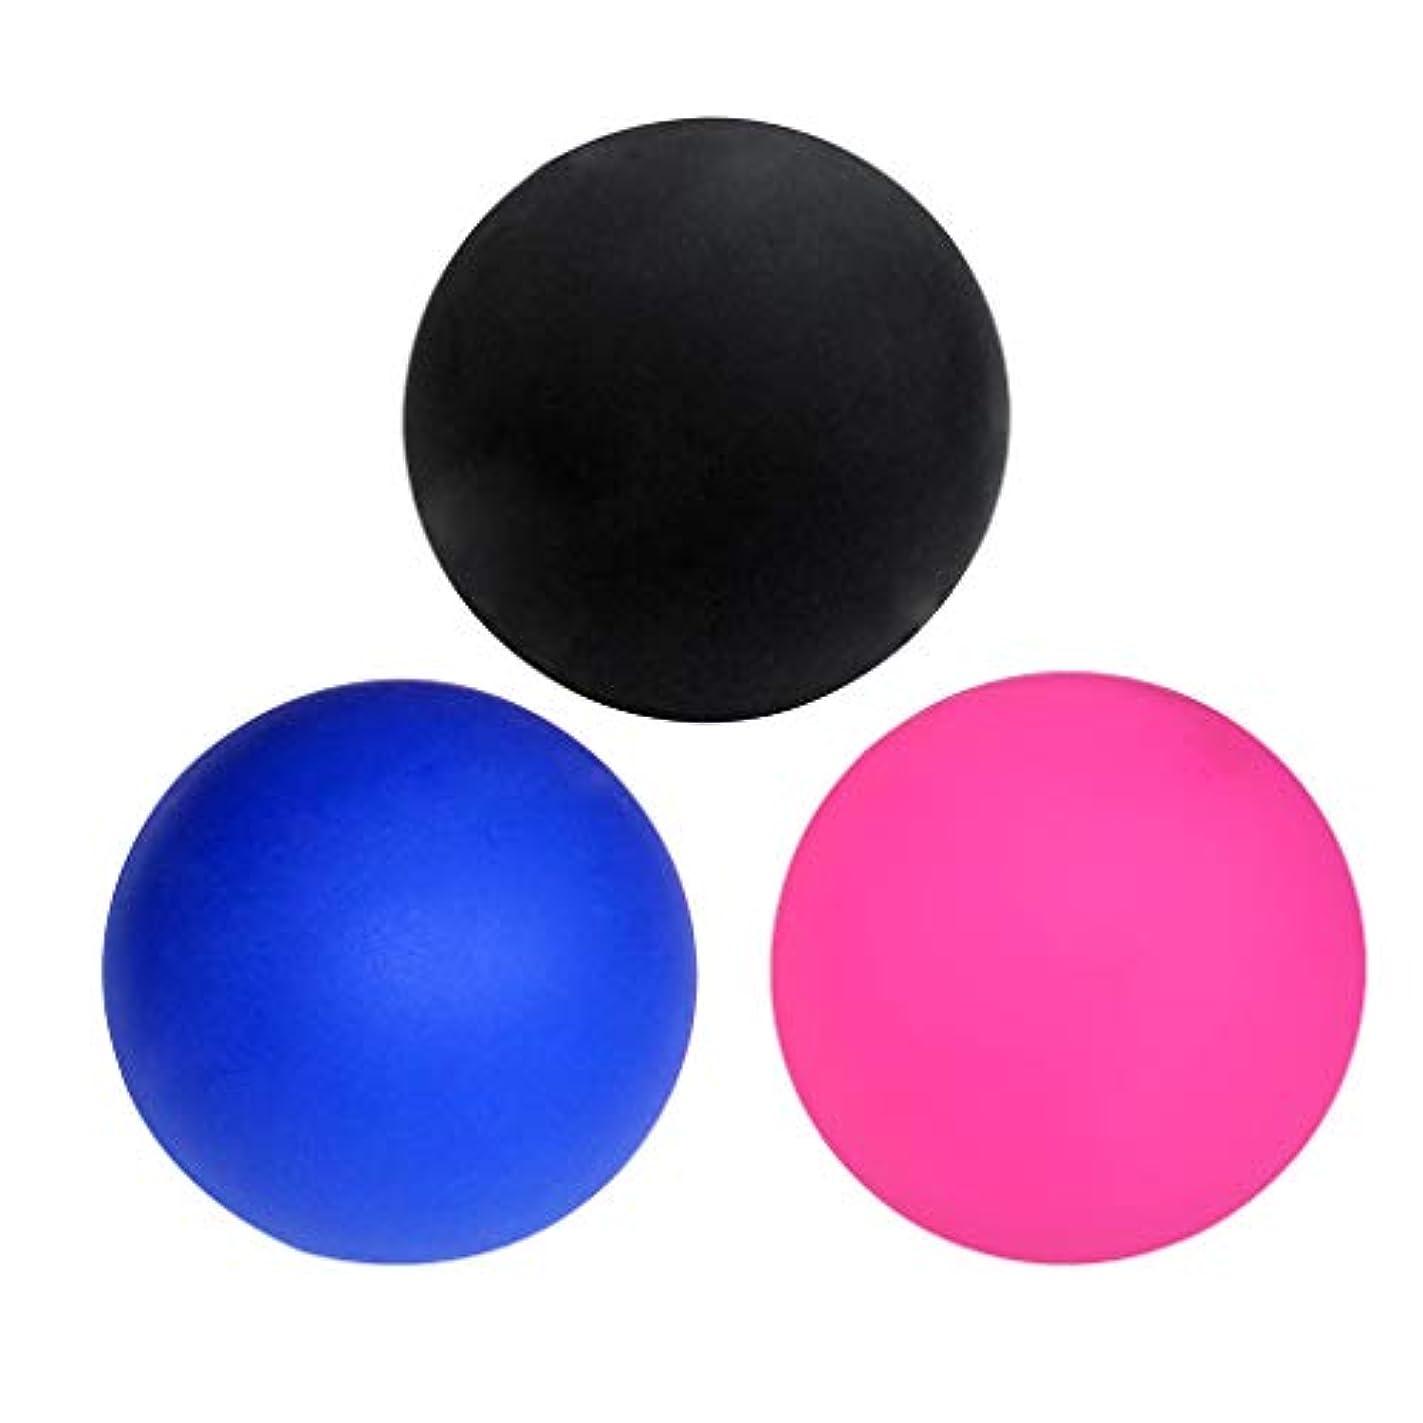 エレメンタル優しい下位マッサージボール ラクロスボール トリガーポイント ゴム製 ジム/ホーム/オフィスなど適用 3個入